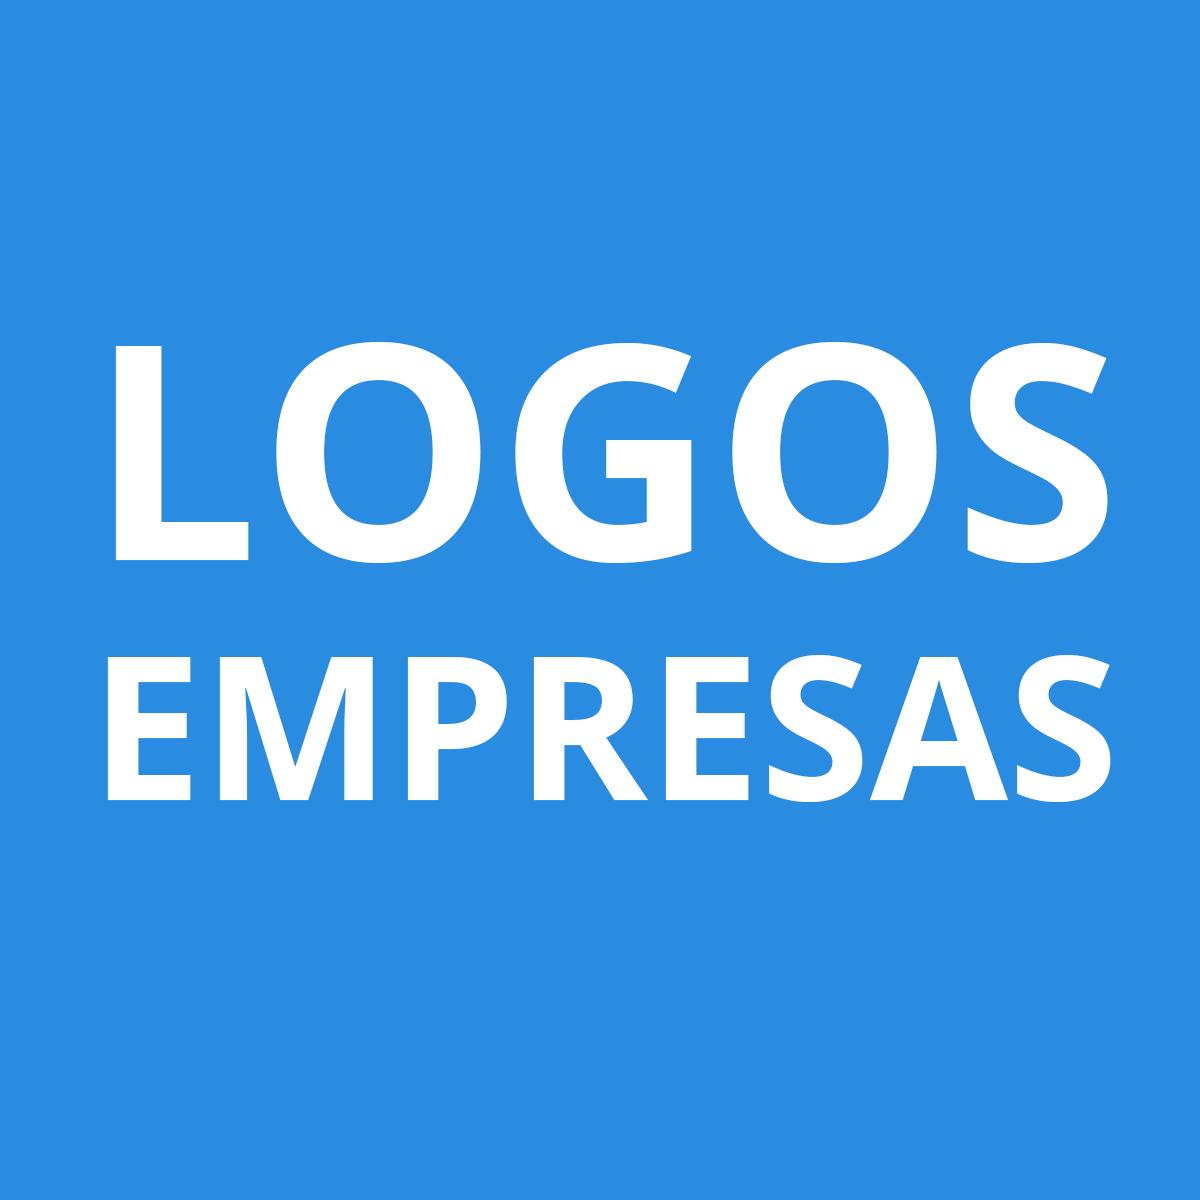 Logos para empresas domestika for Empresa logos